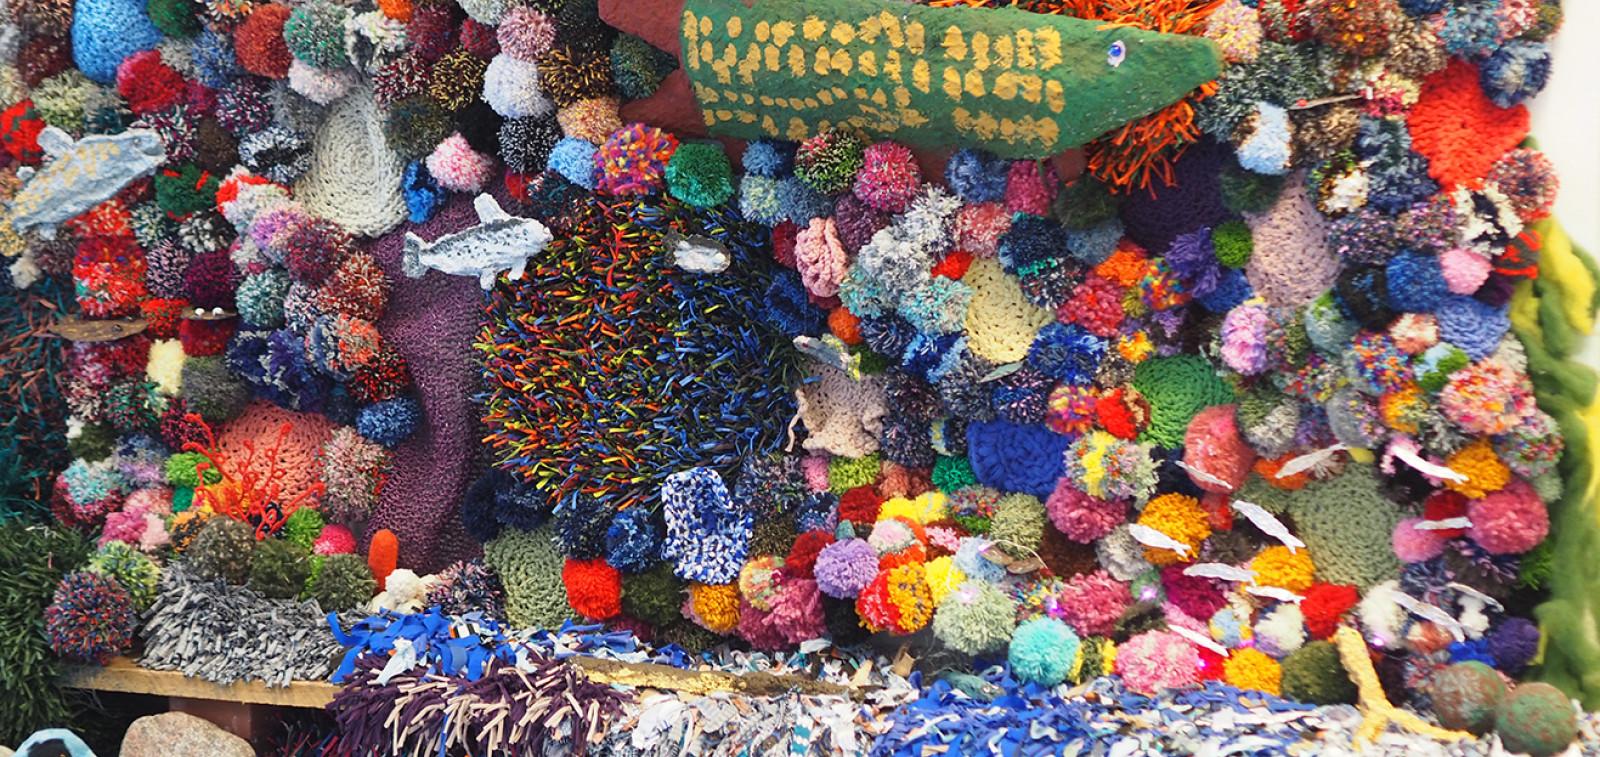 Monenvärisistä villalangoista tehtyjä tupsuja kiinnitettynä seinälle